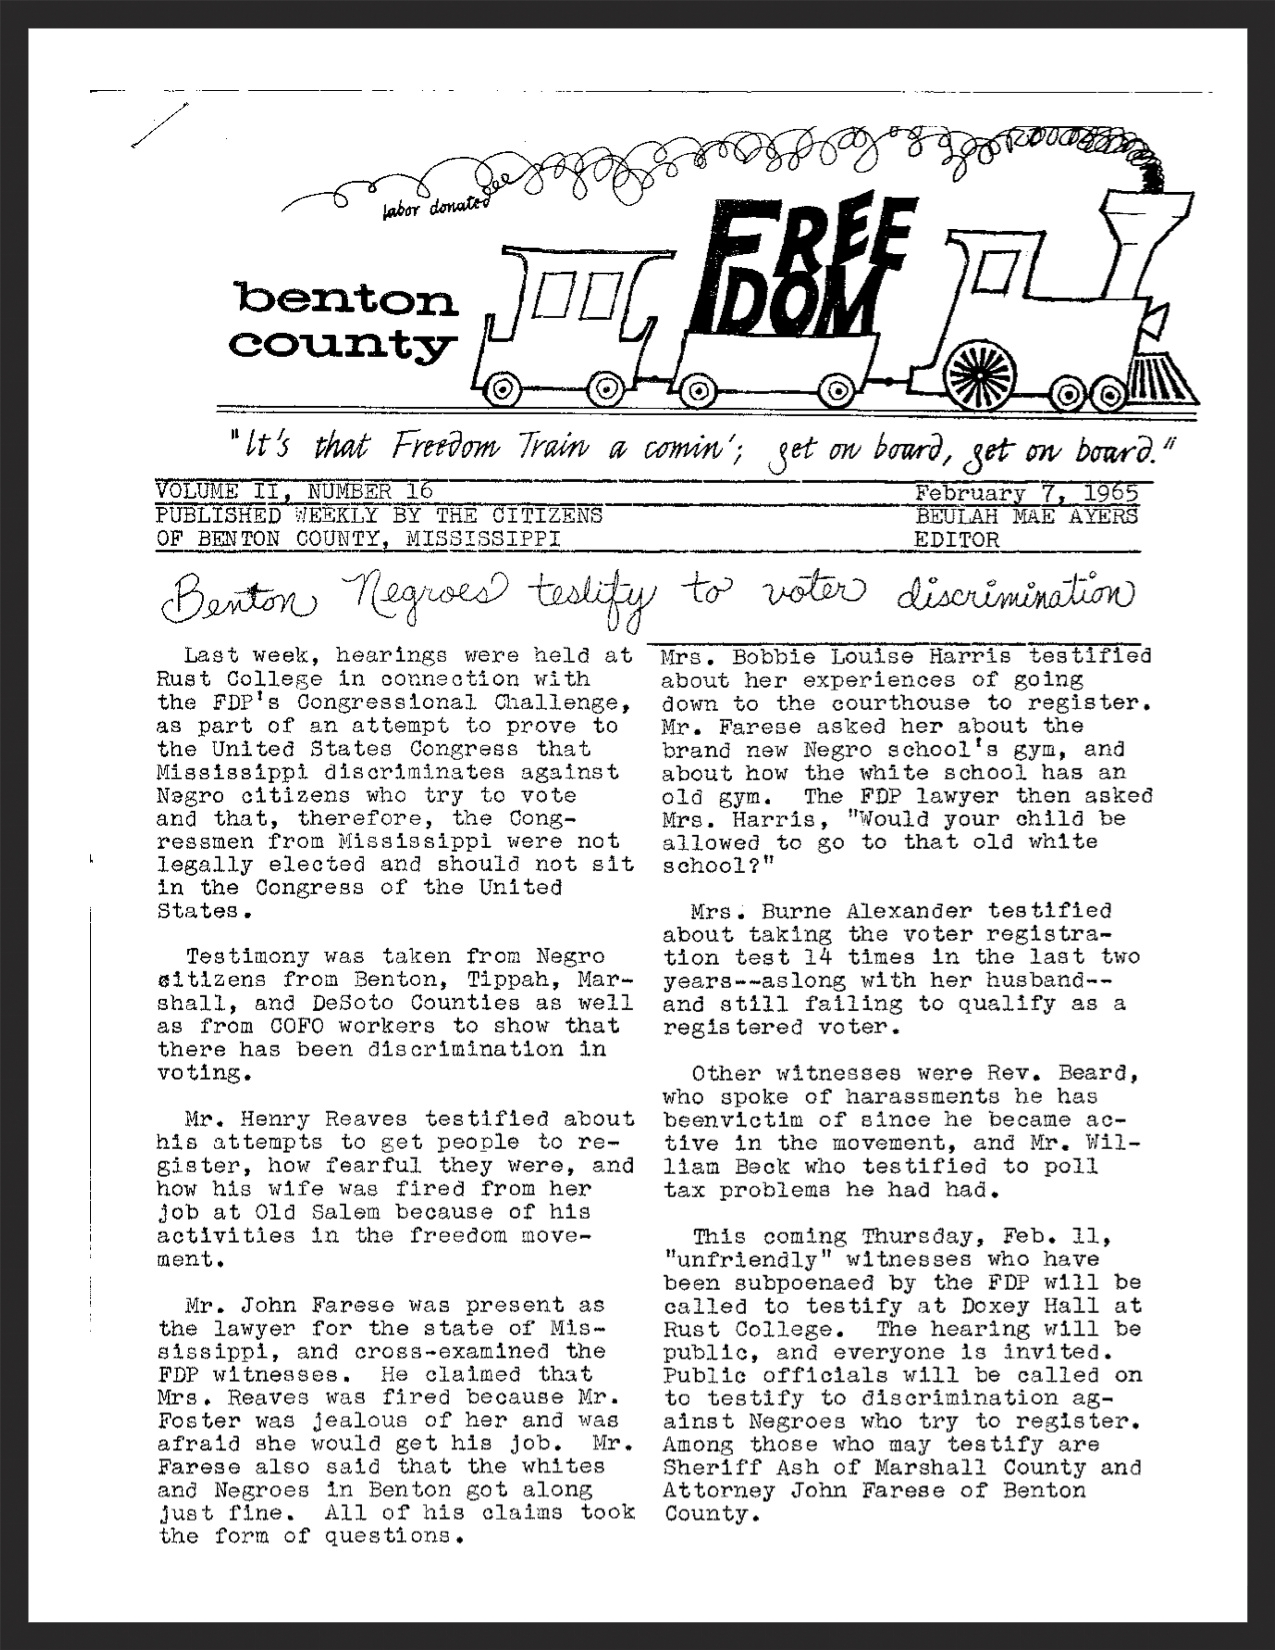 February 7, 1965